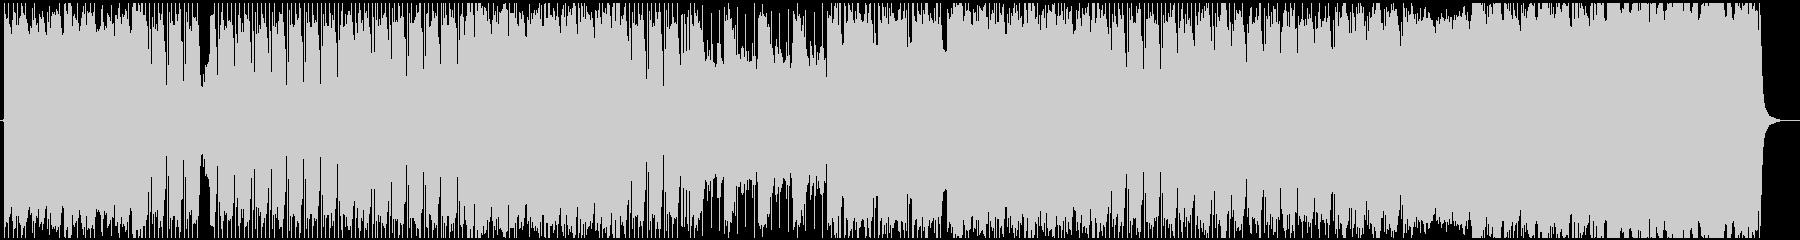 ギターリフ系のミドルテンポのヘビーロックの未再生の波形